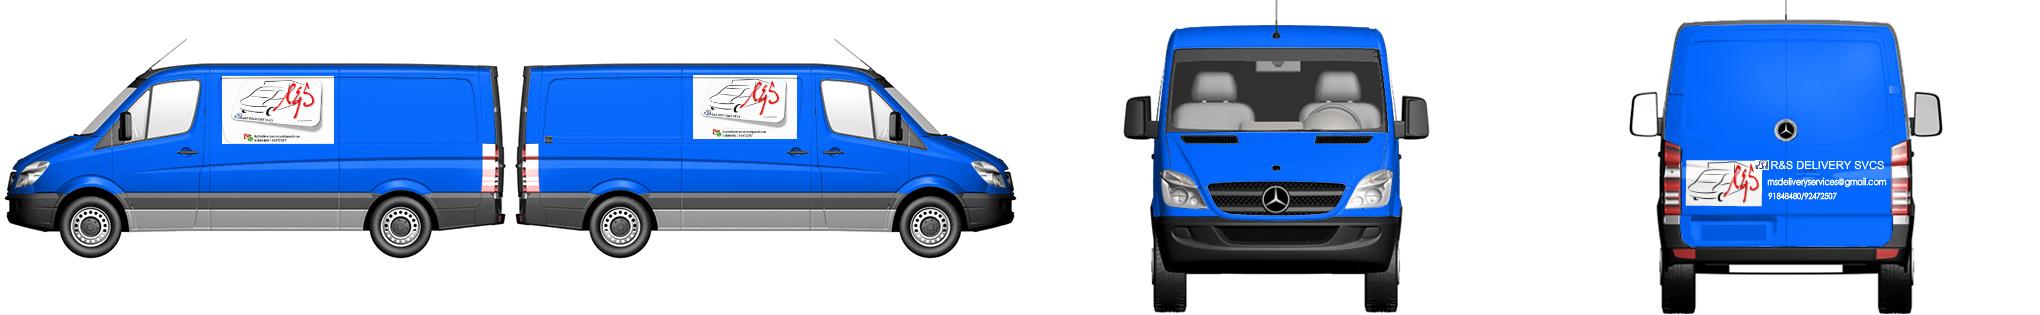 Van Wrap #33612